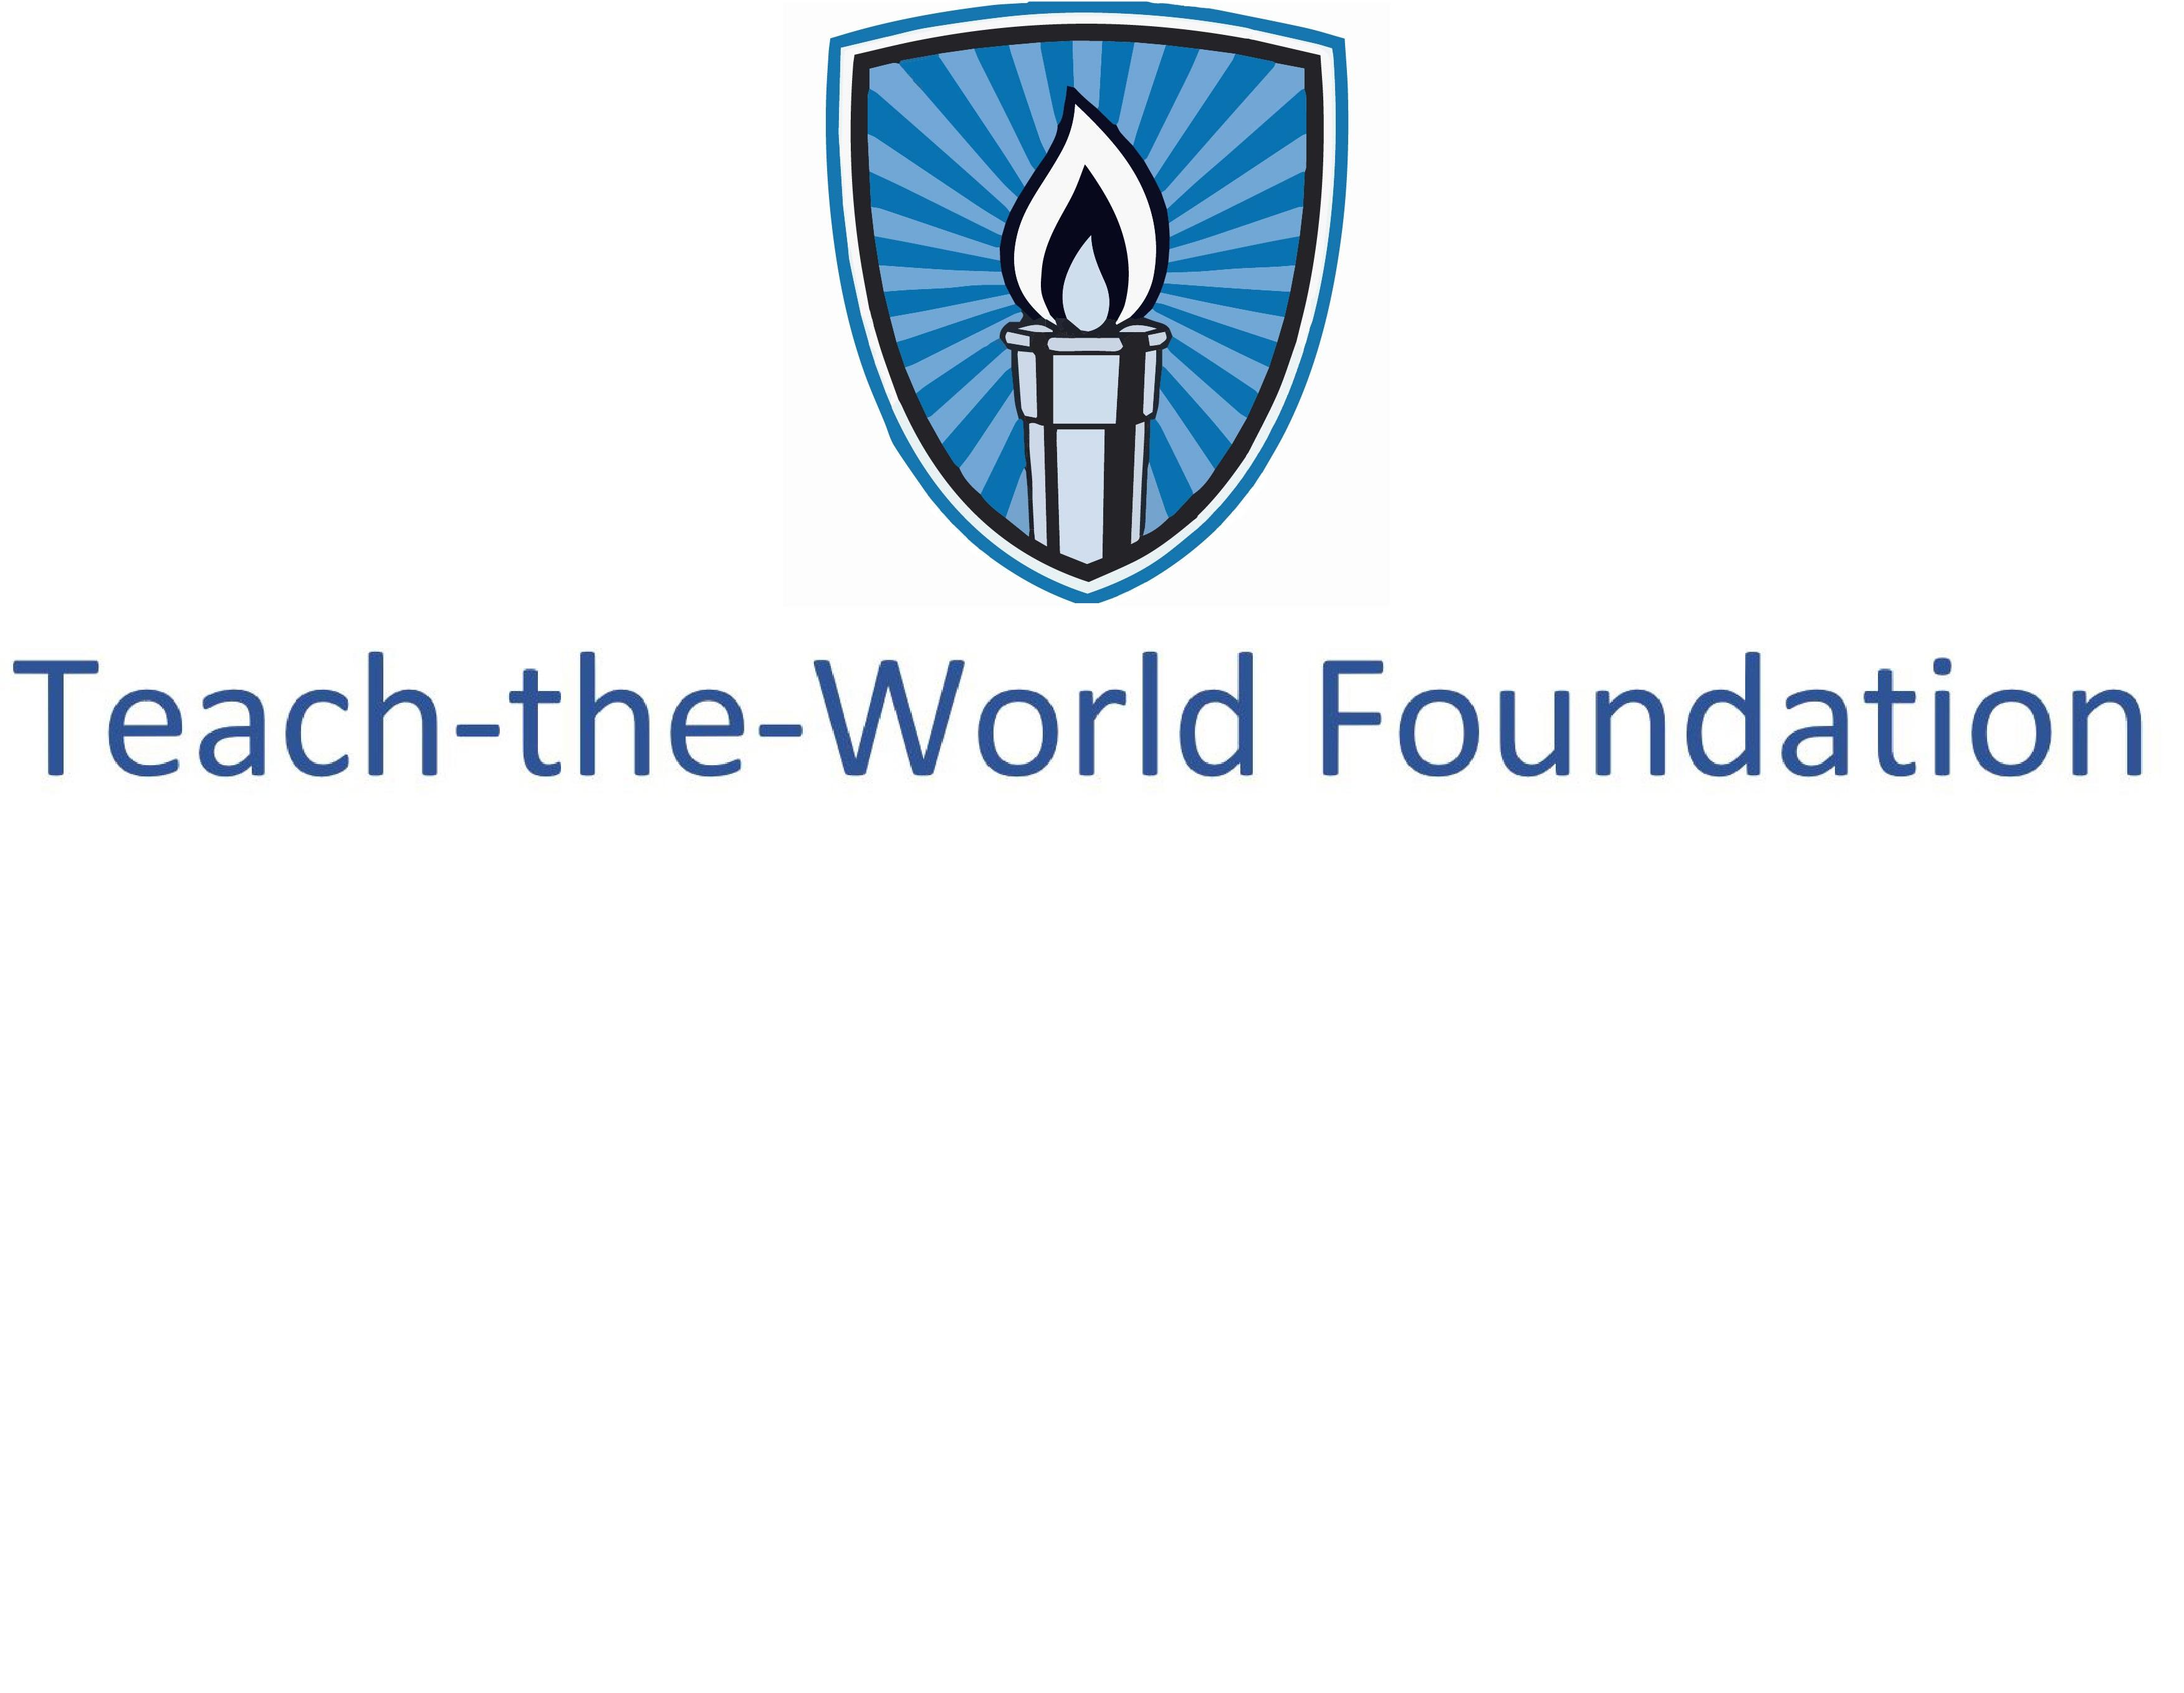 TEACH THE WORLD FOUNDATION